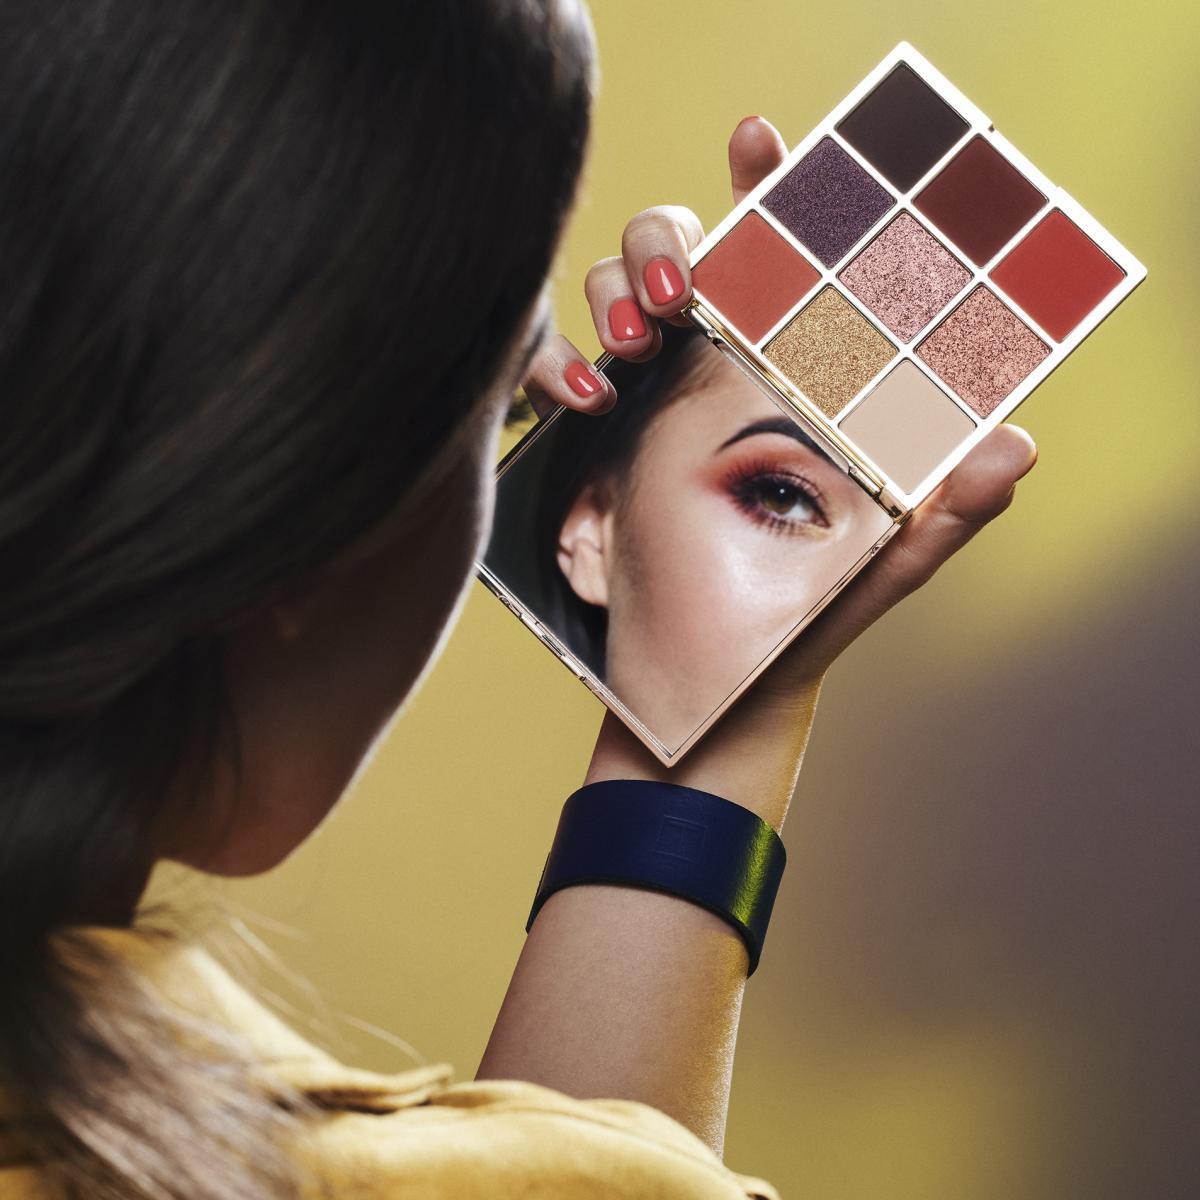 «Свет мой, зеркальце, скажи»: новая палетка теней и пузырьковые маски от Eveline Cosmetics